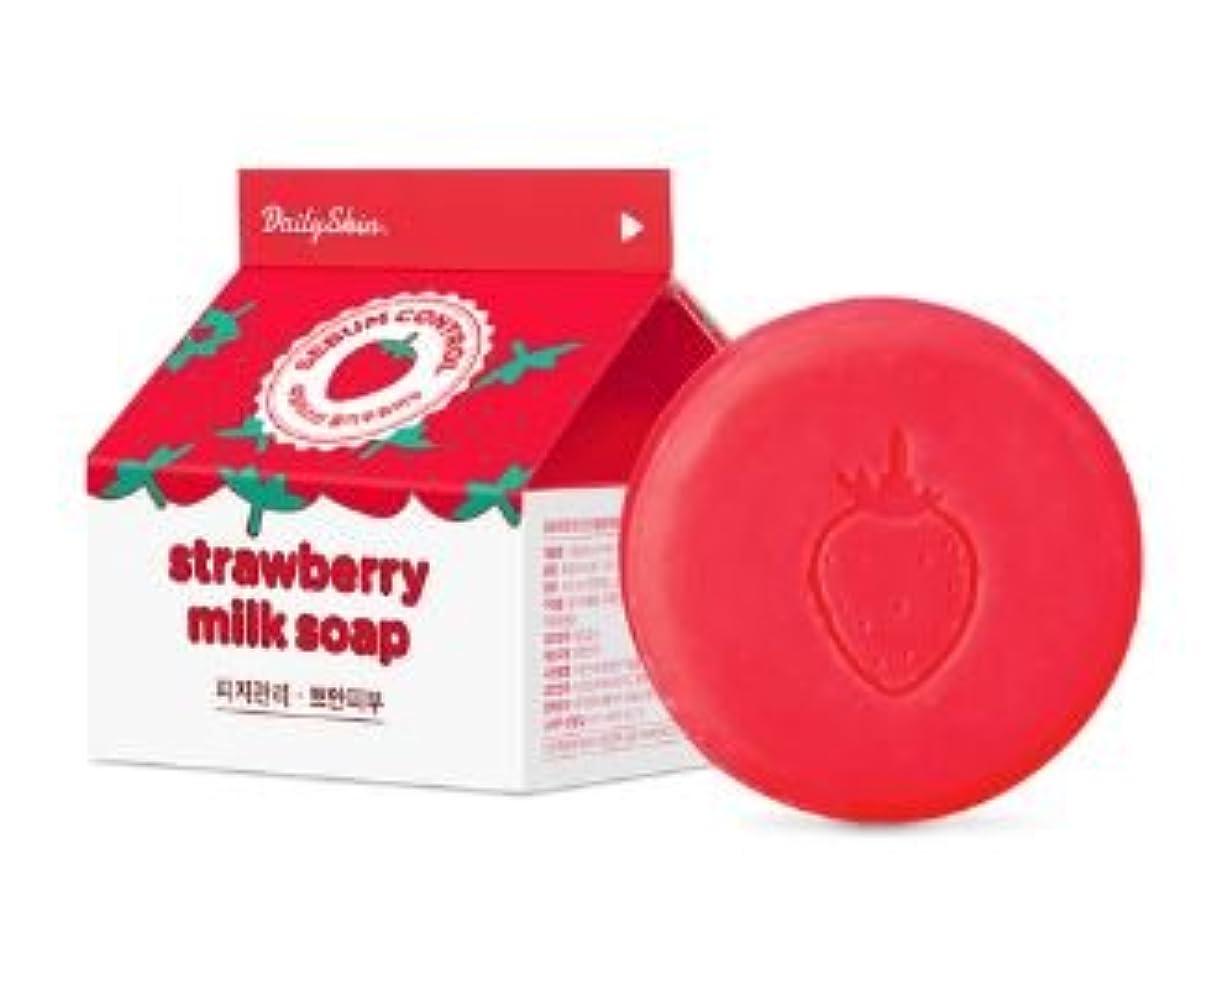 配列本土インストラクター[Renewal?] Daily Skin Strawberry Milk Soap 100g/デイリースキン ストロベリー ミルク ソープ 100g [並行輸入品]